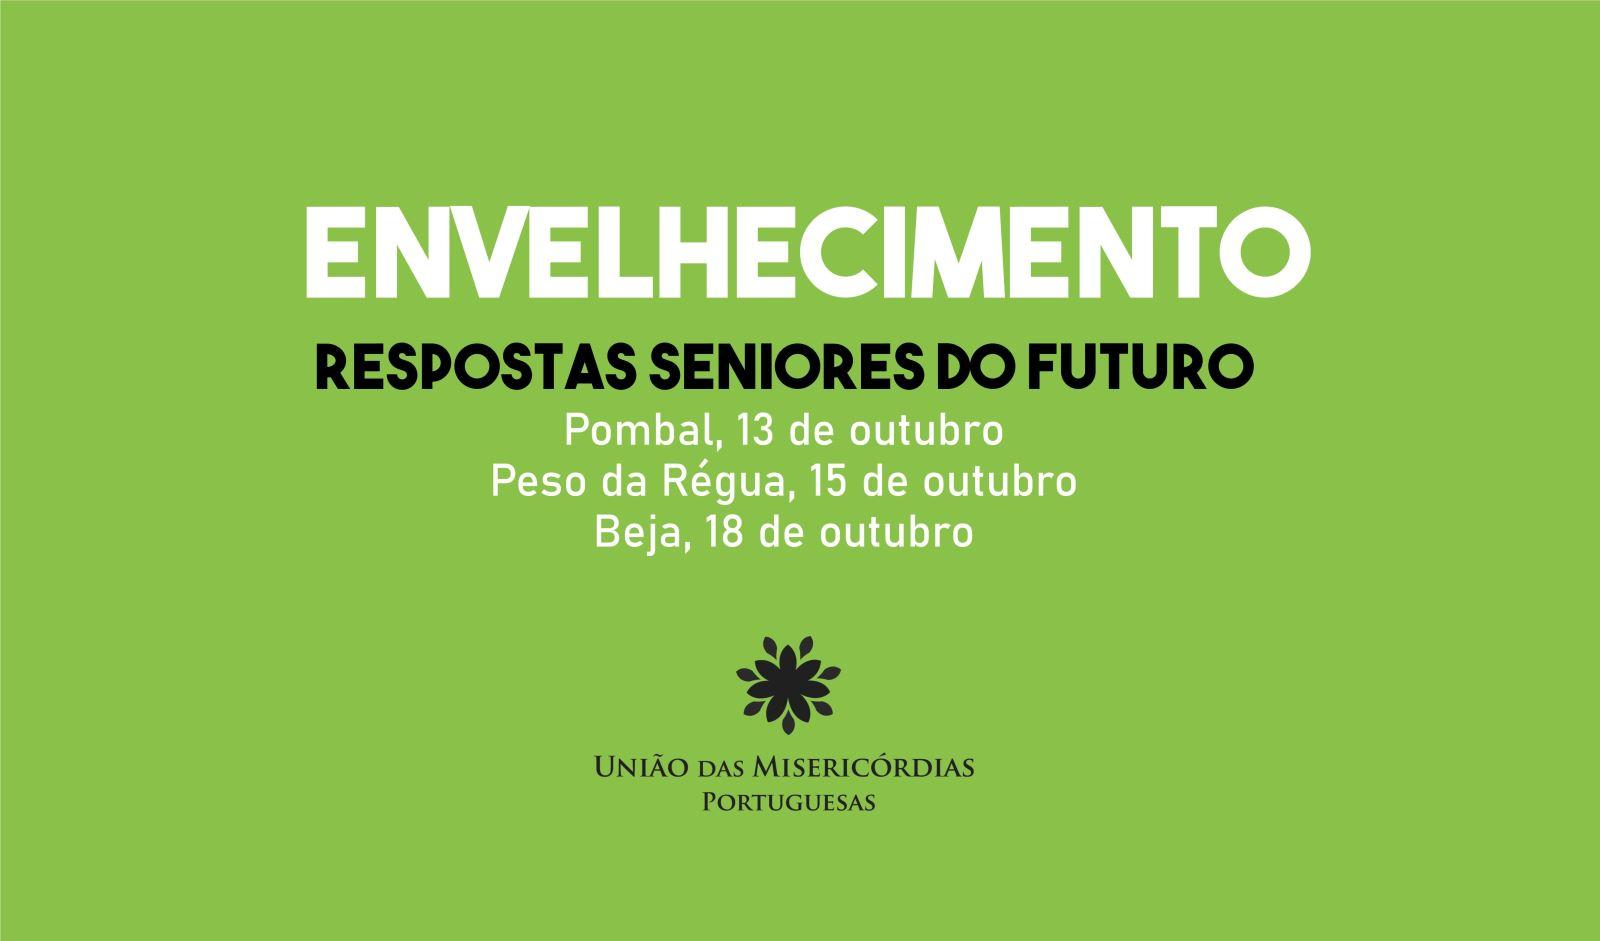 Ciclo de conferências em todo o país sobre o futuro do envelhecimento